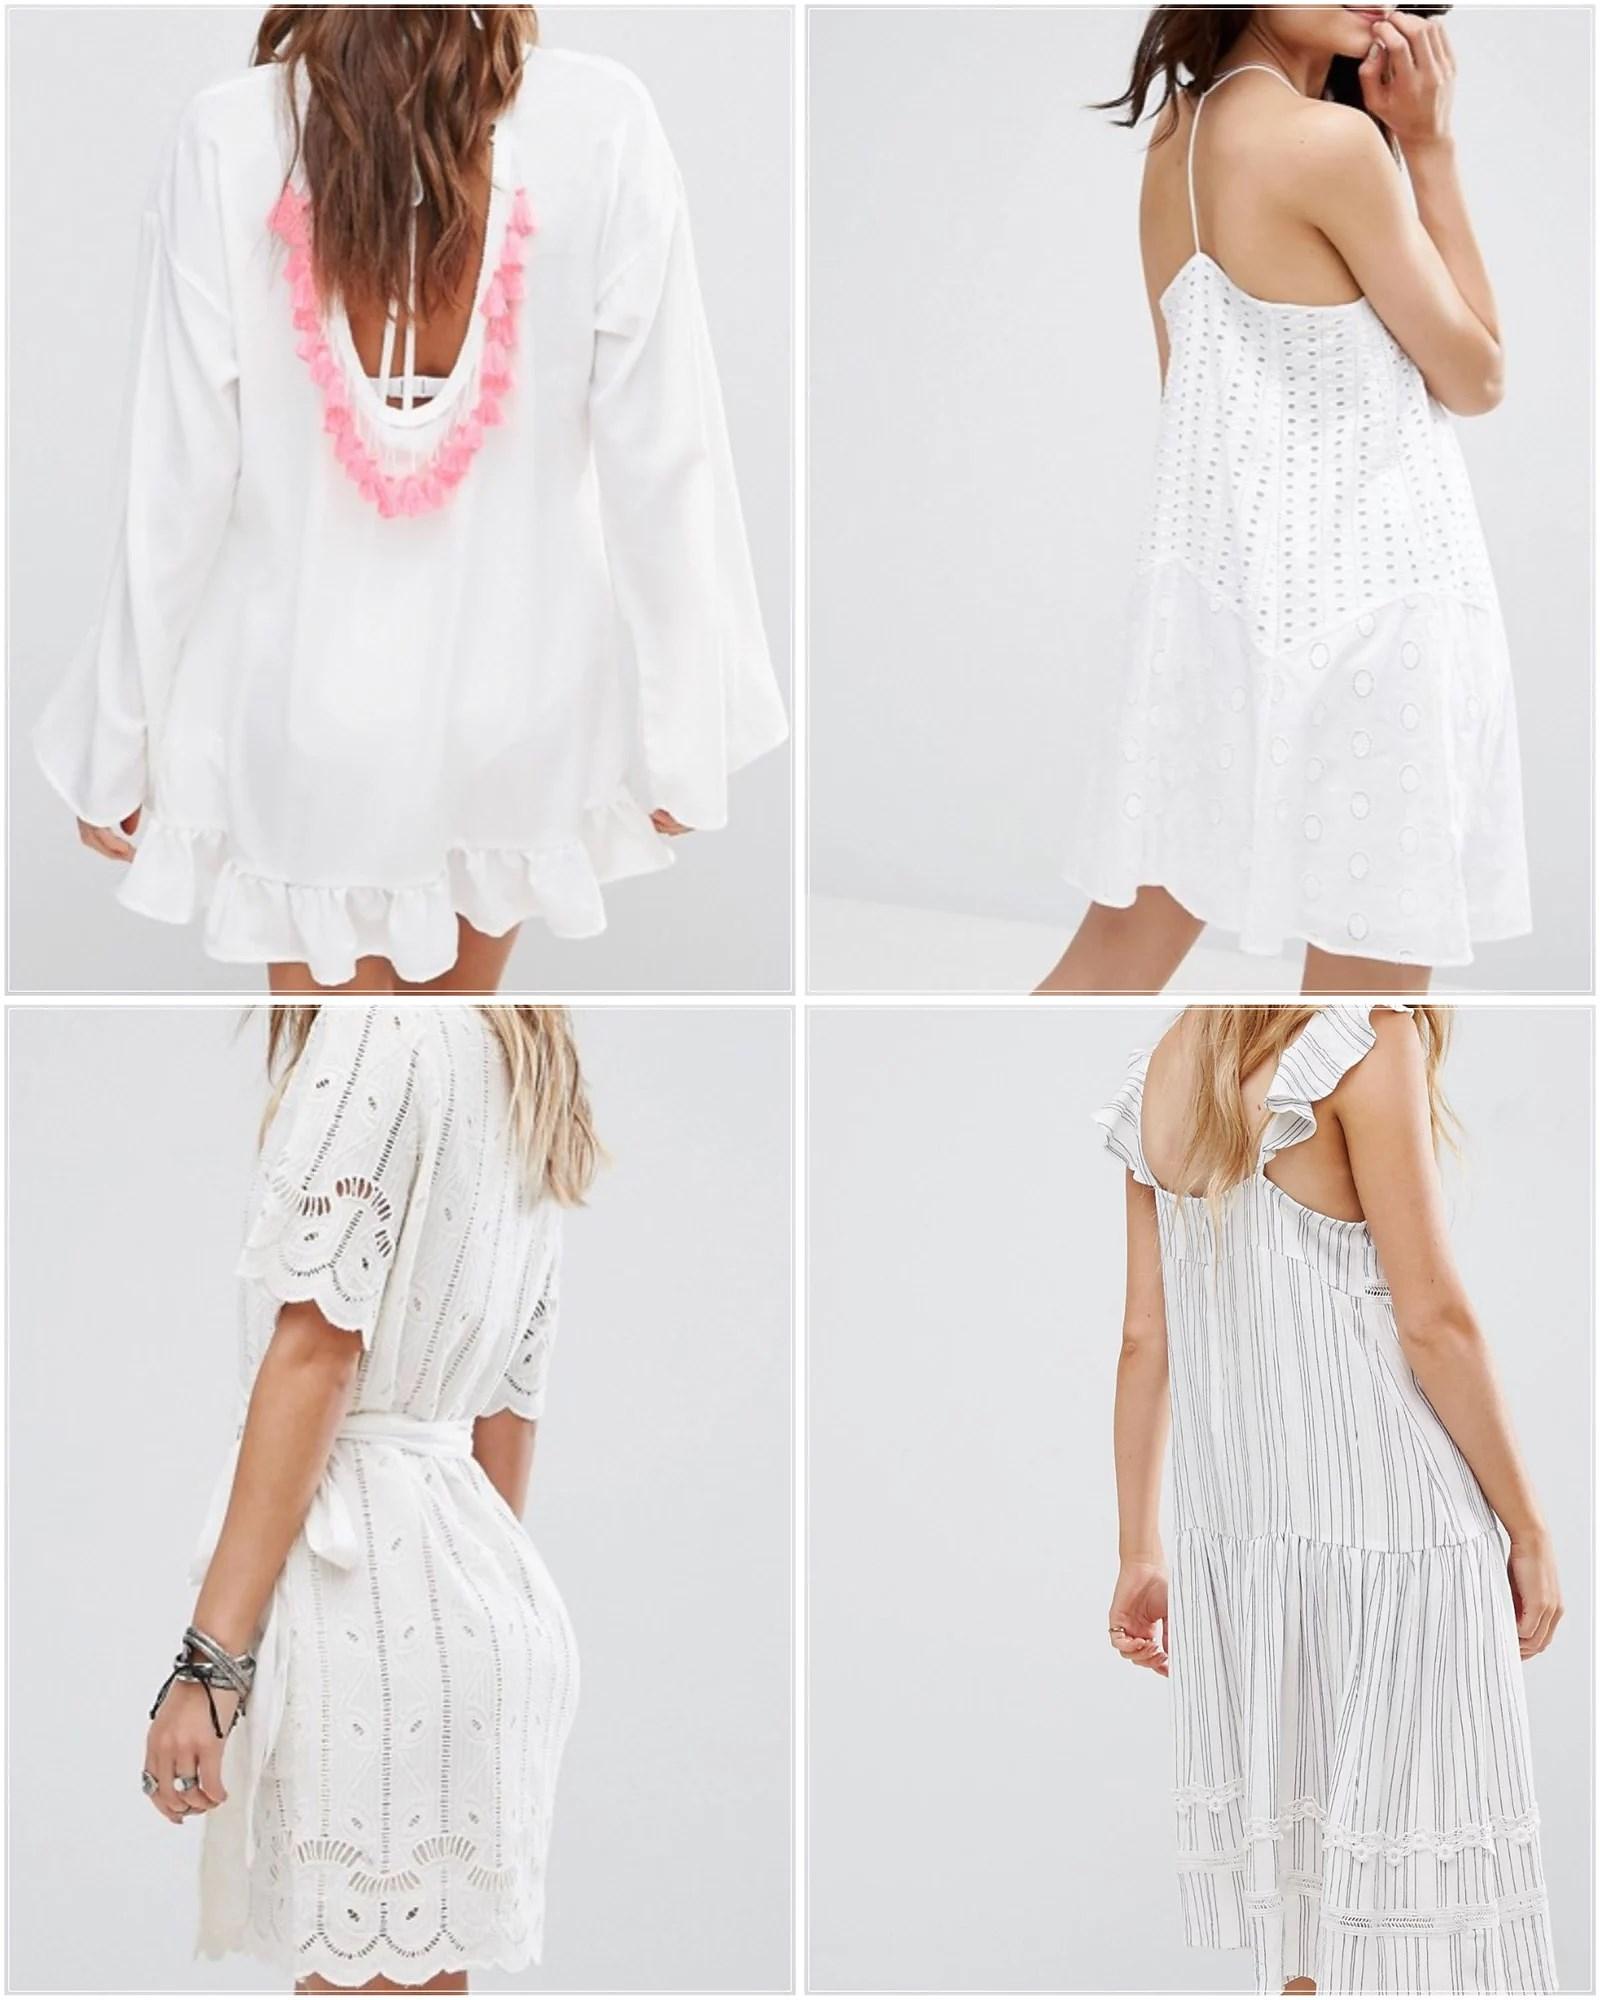 THE WHITE SUMMER DRESS